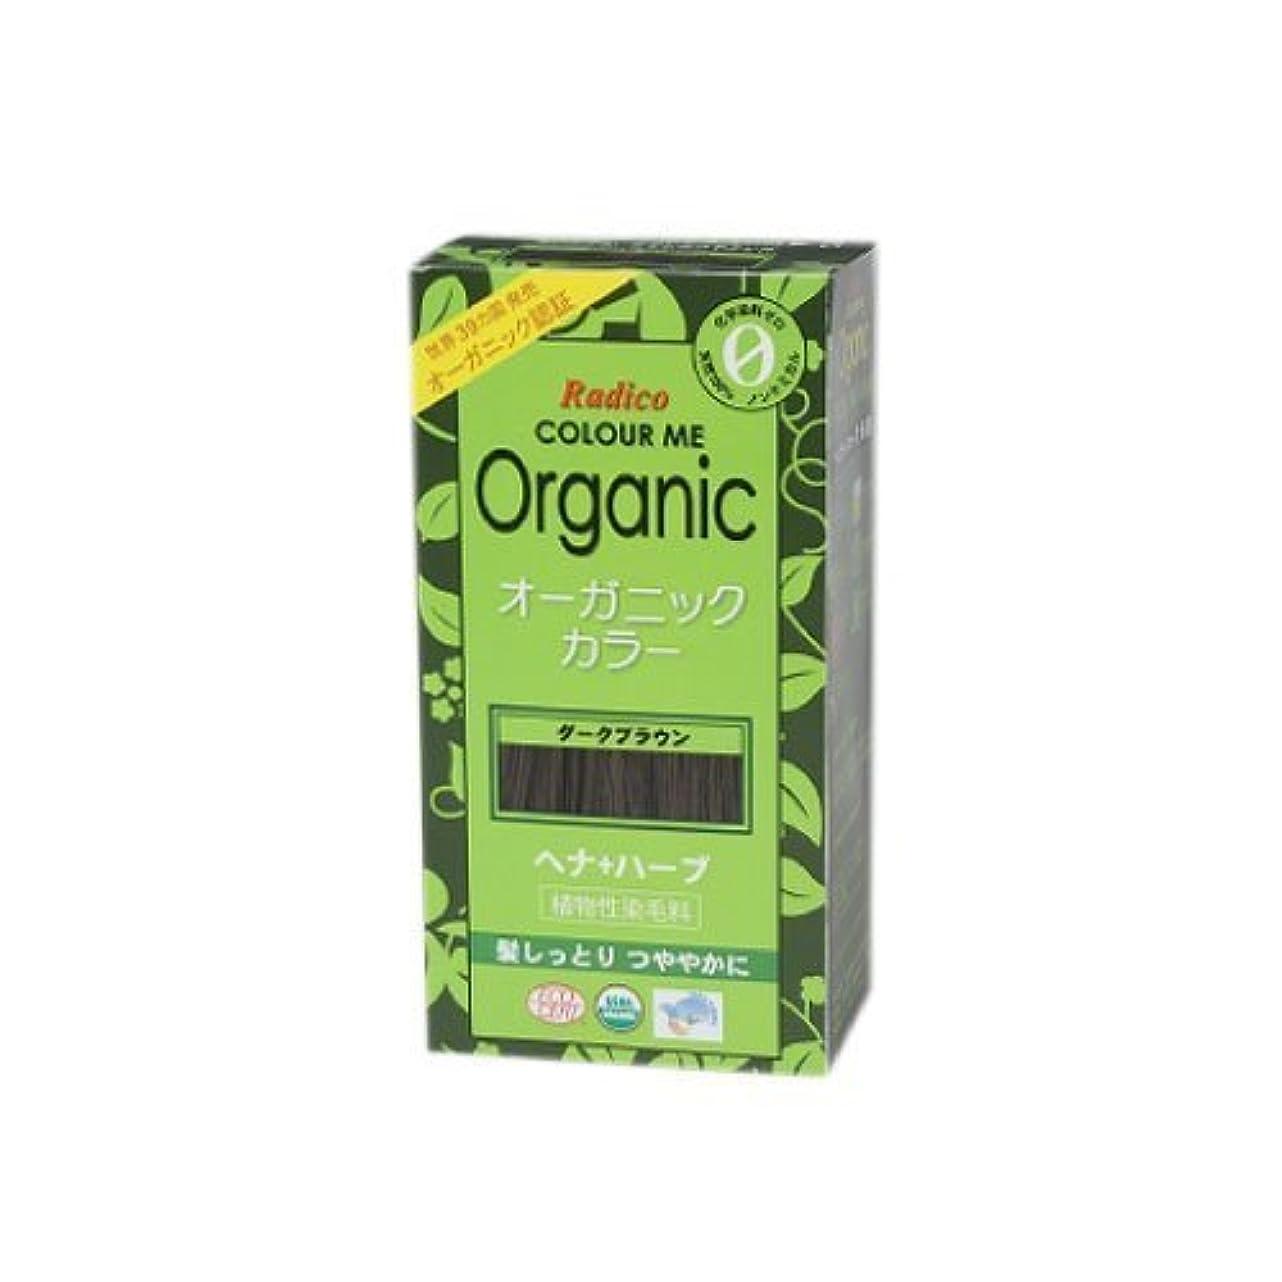 定説増幅賄賂COLOURME Organic (カラーミーオーガニック ヘナ 白髪用) ダークブラウン 100g